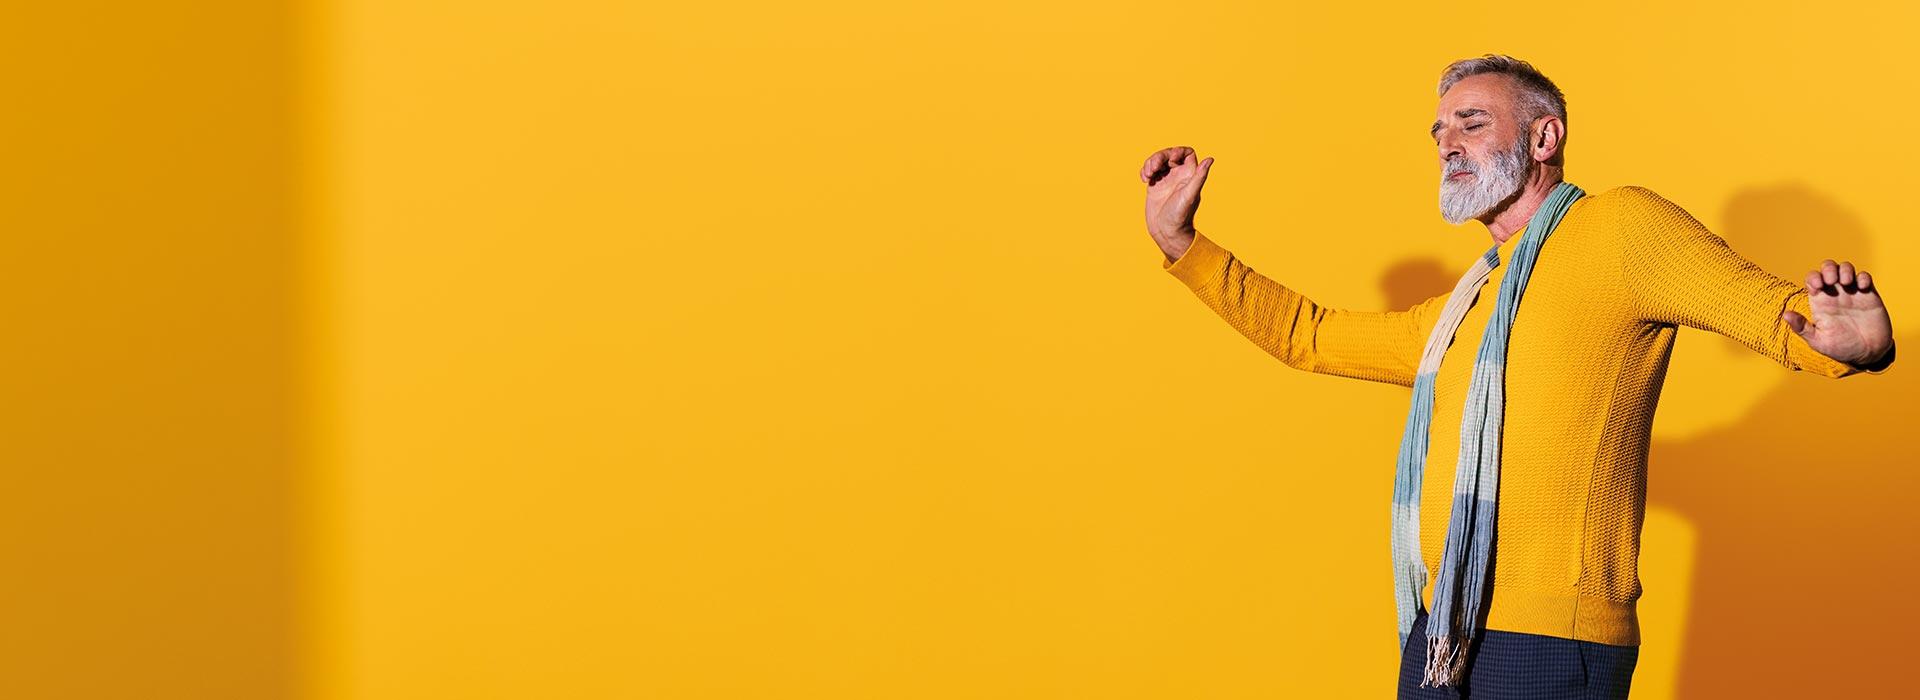 戴着飞利浦Hearlink助听器的中年男子在跳舞,充满自信。